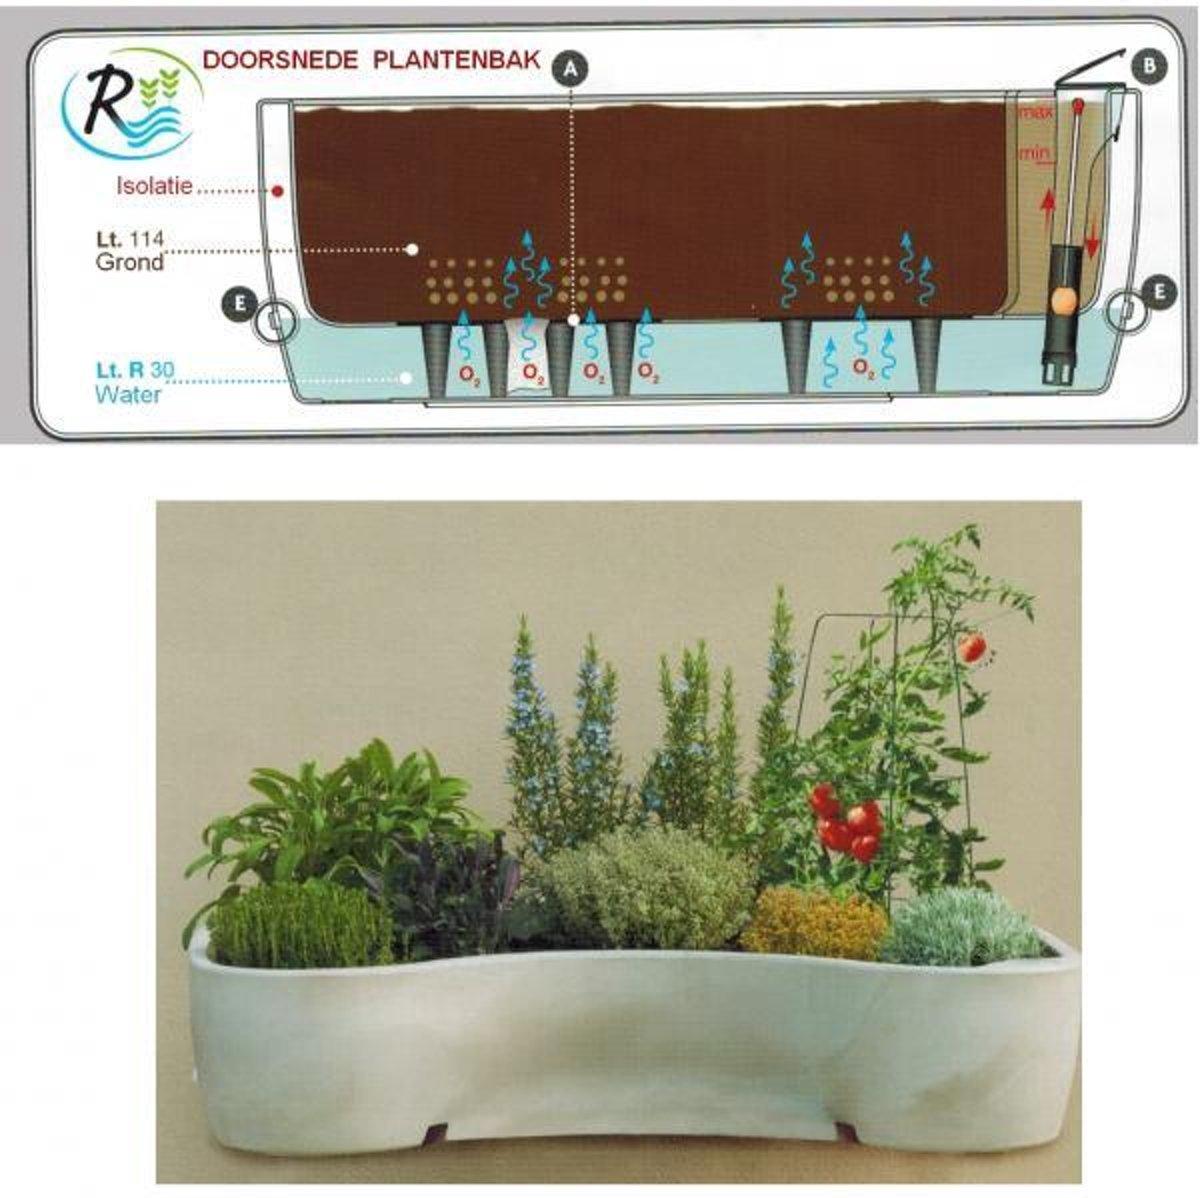 Plantenbak Met Waterreservoir.Bol Com Luxe Mobiele Plantenbak Met Waterreservoir